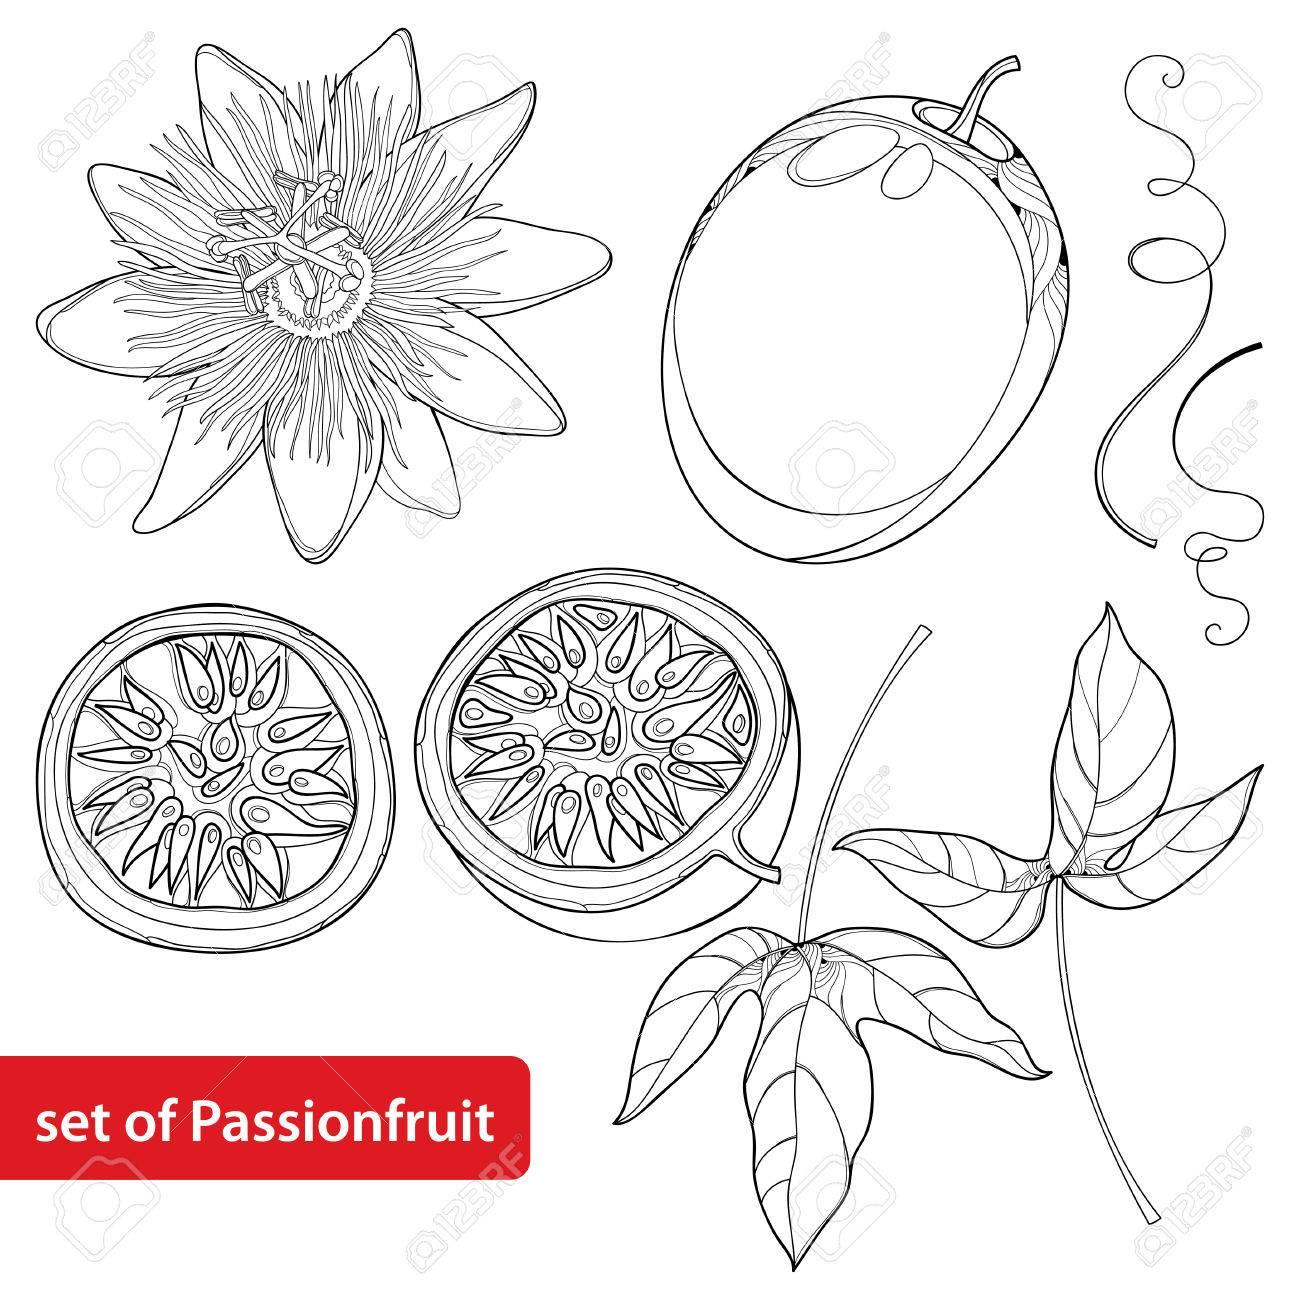 1300x1300 Set With Outline Passion Fruit Or Maracuya. Half Fruit, Leaf